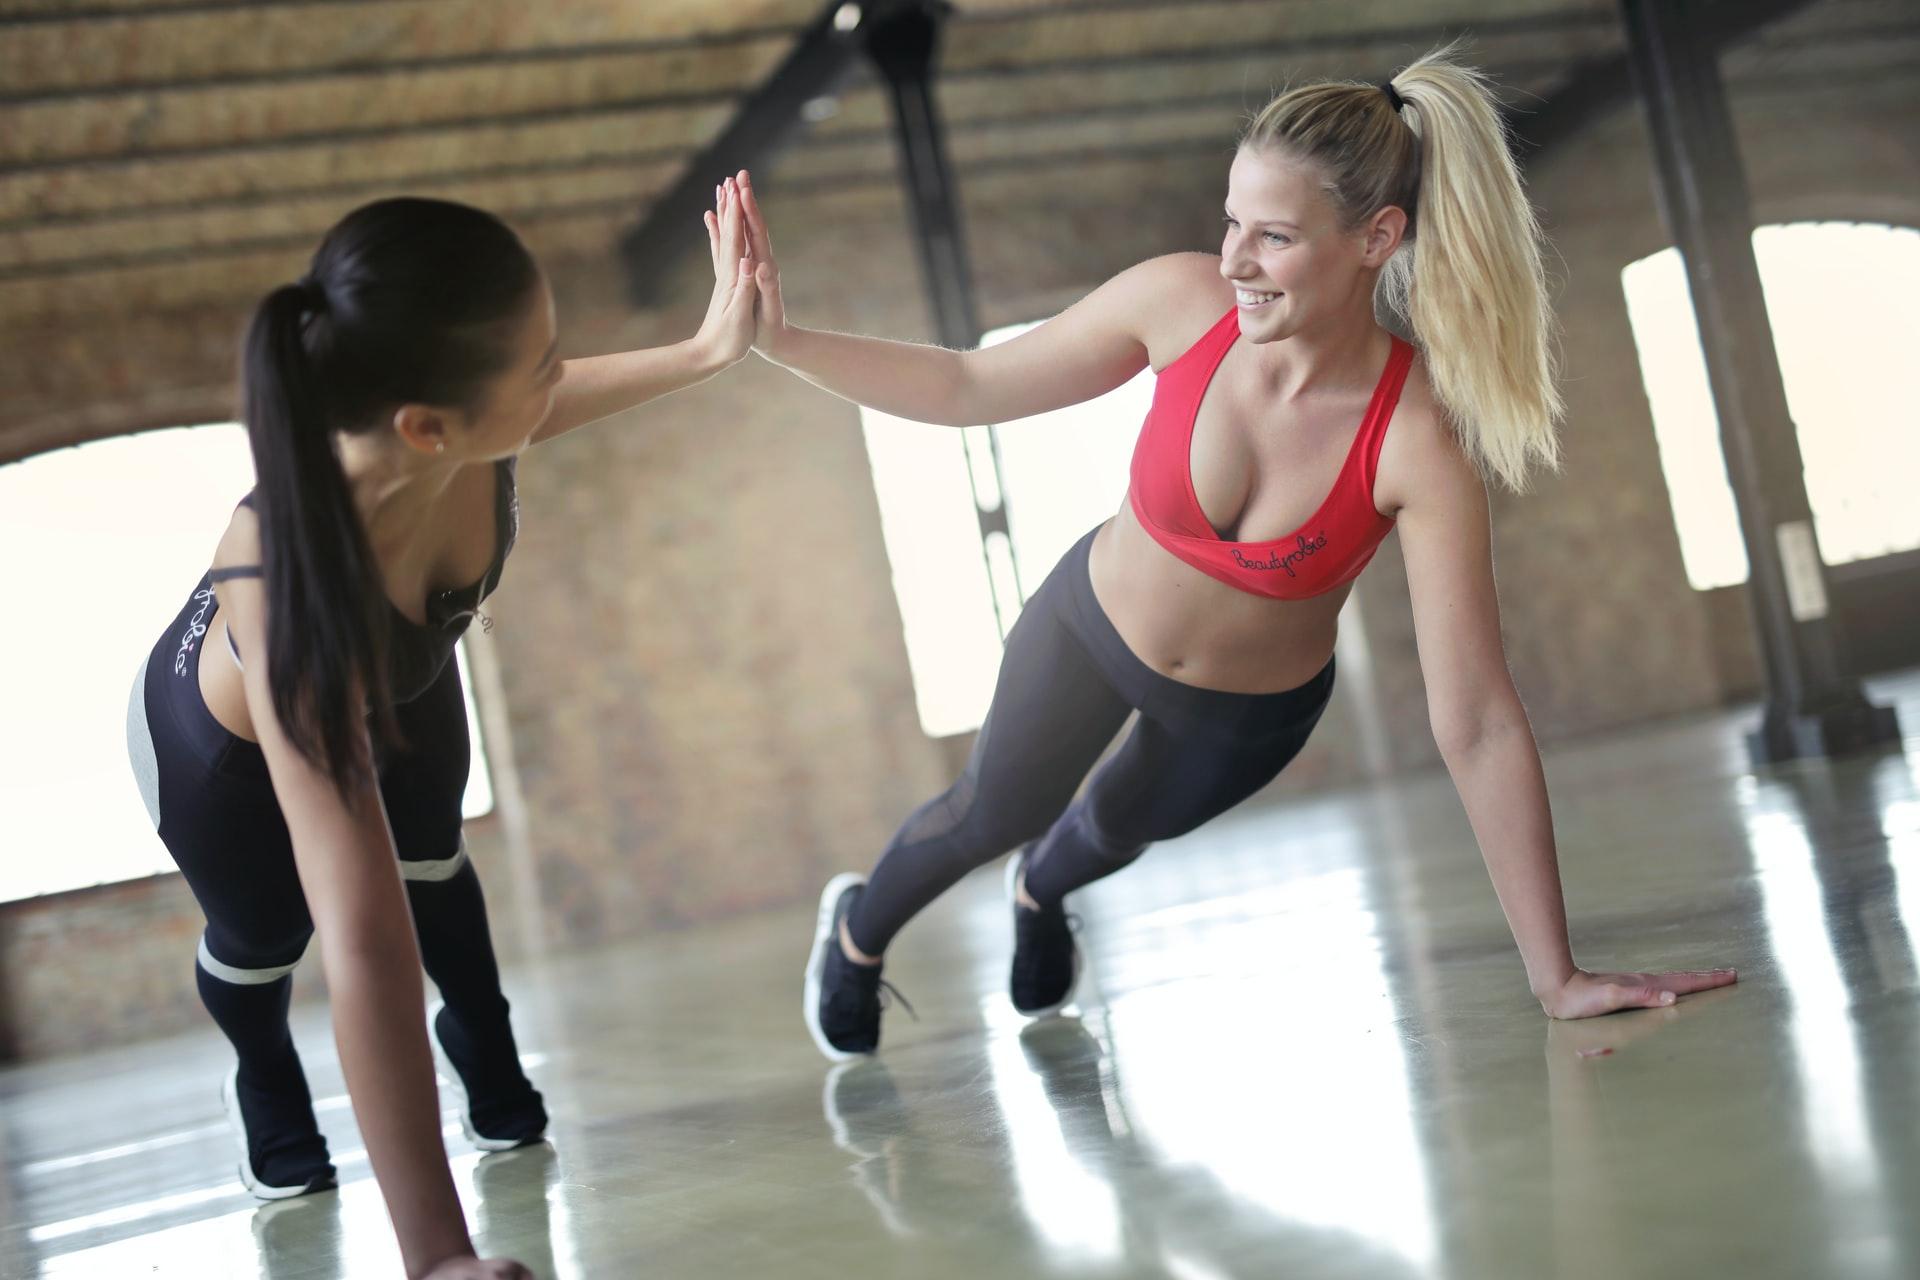 Sundhed handler om livsstilsændringer